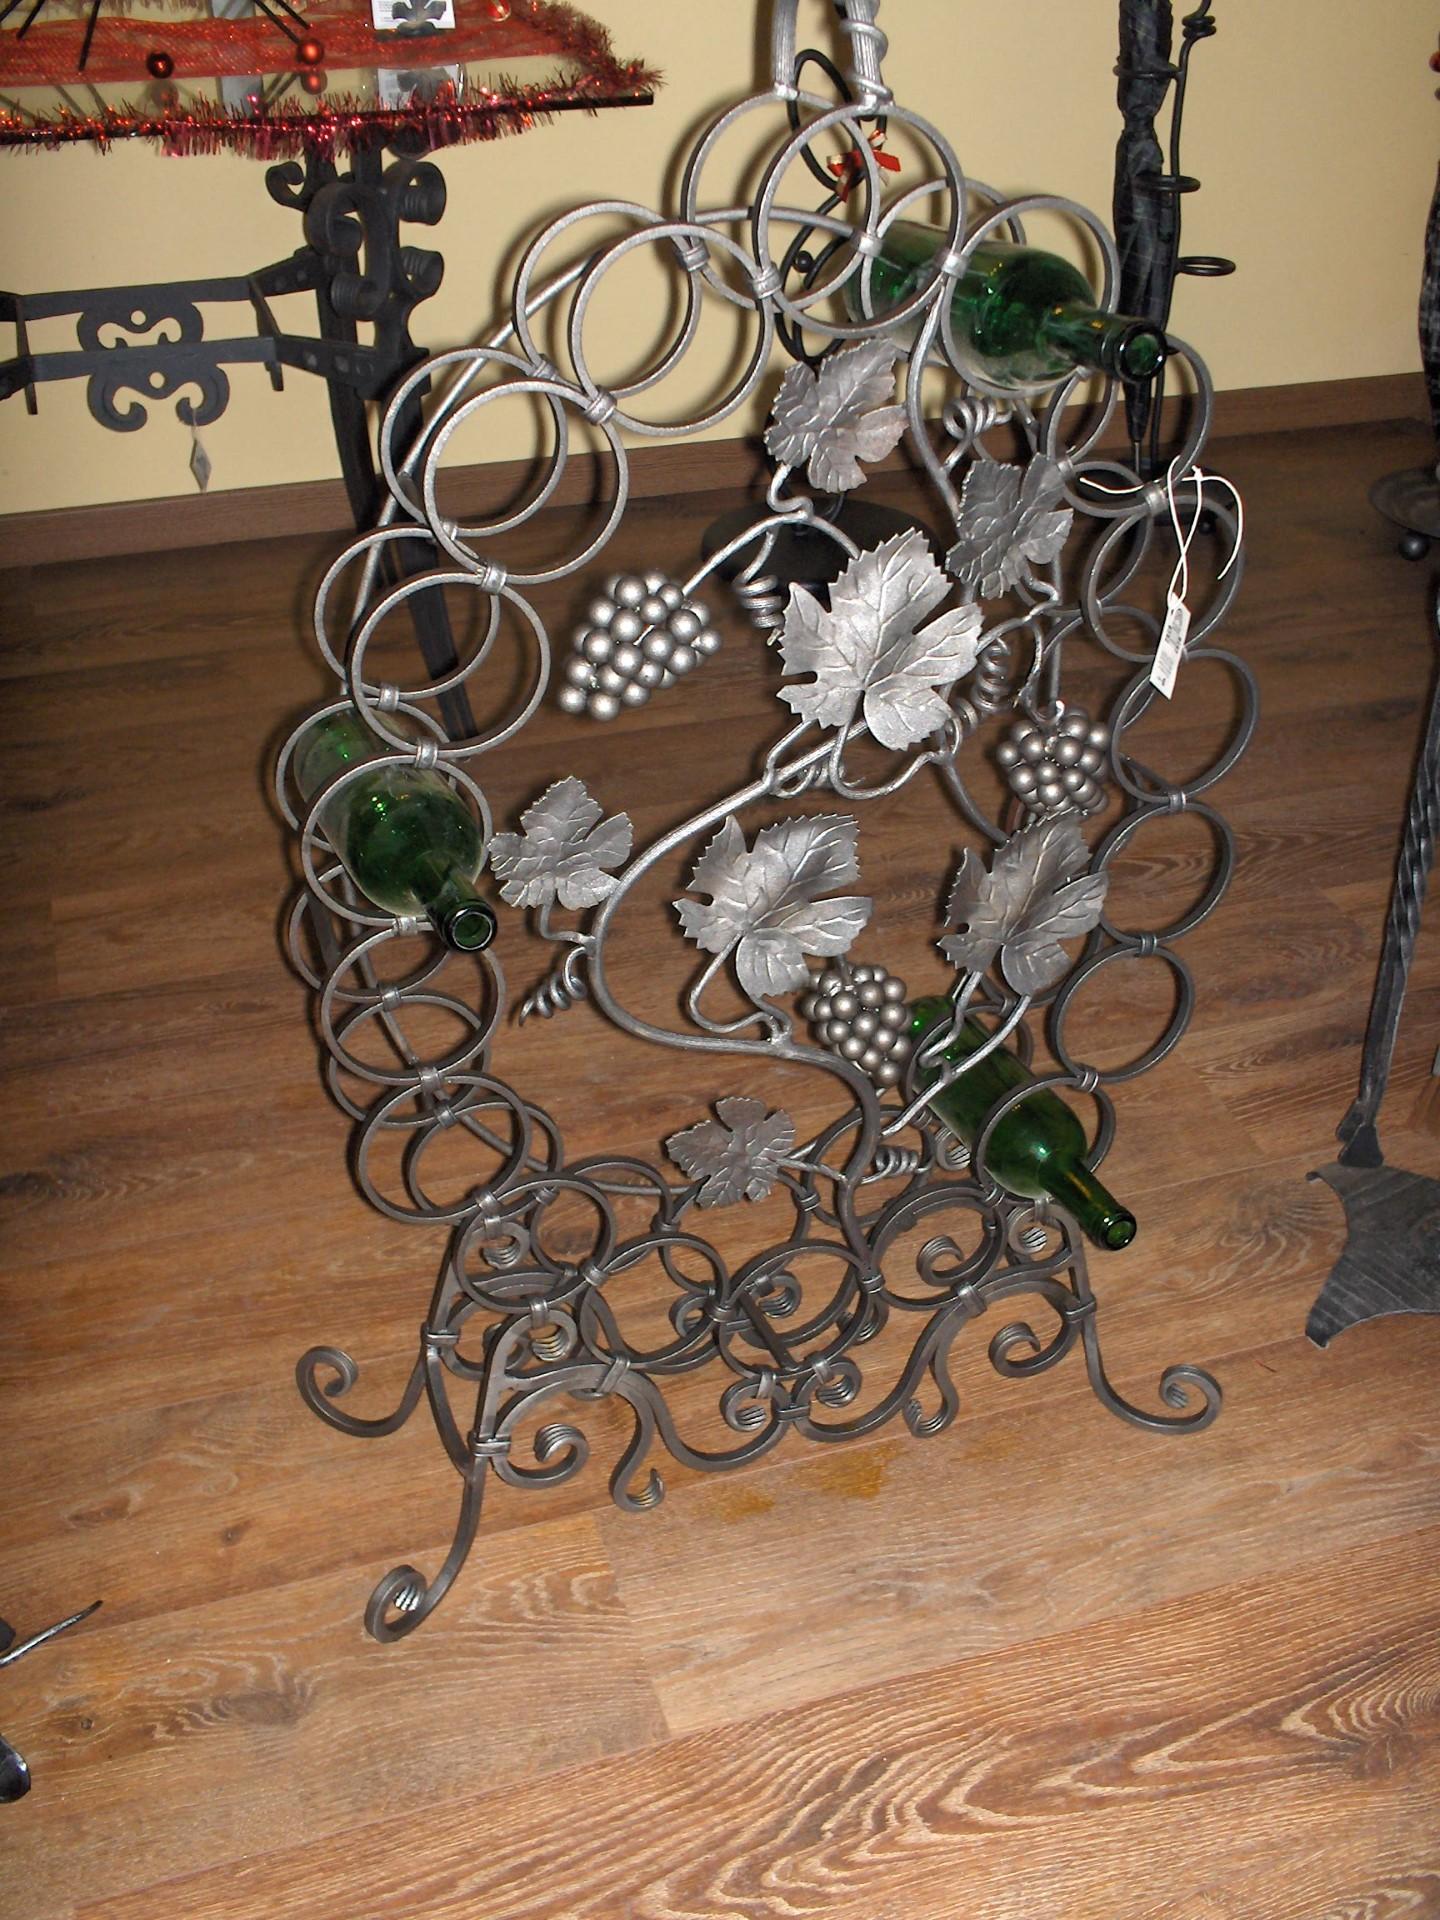 Portabottiglie botte la casa del ferro battuto - Portalegna in ferro battuto ...